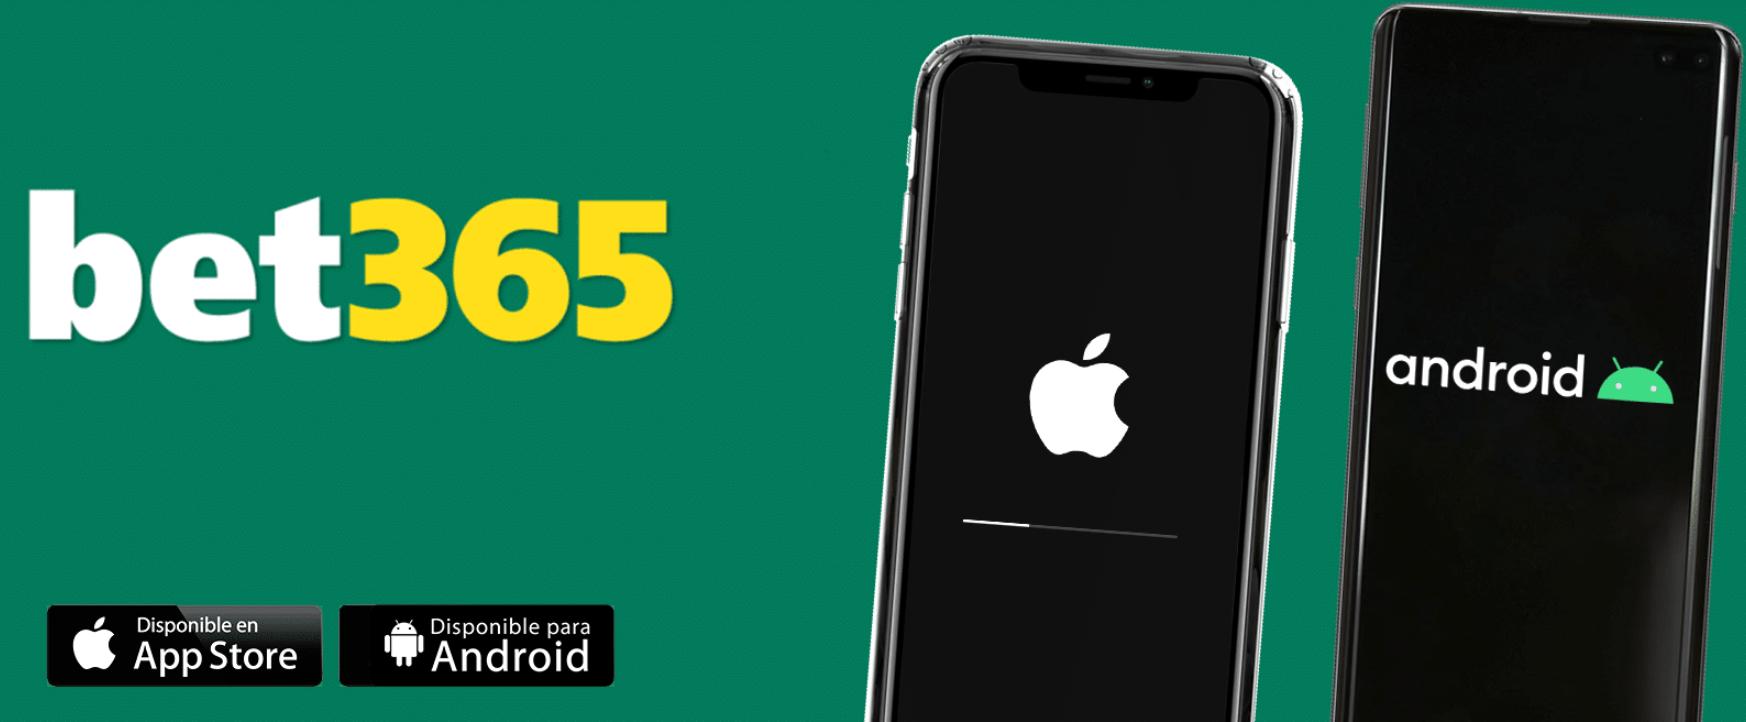 Վայելեք խաղադրույքների աներևակայելի աշխարհը՝ ներբեռնեք Bet365 ձեր հեռախոս